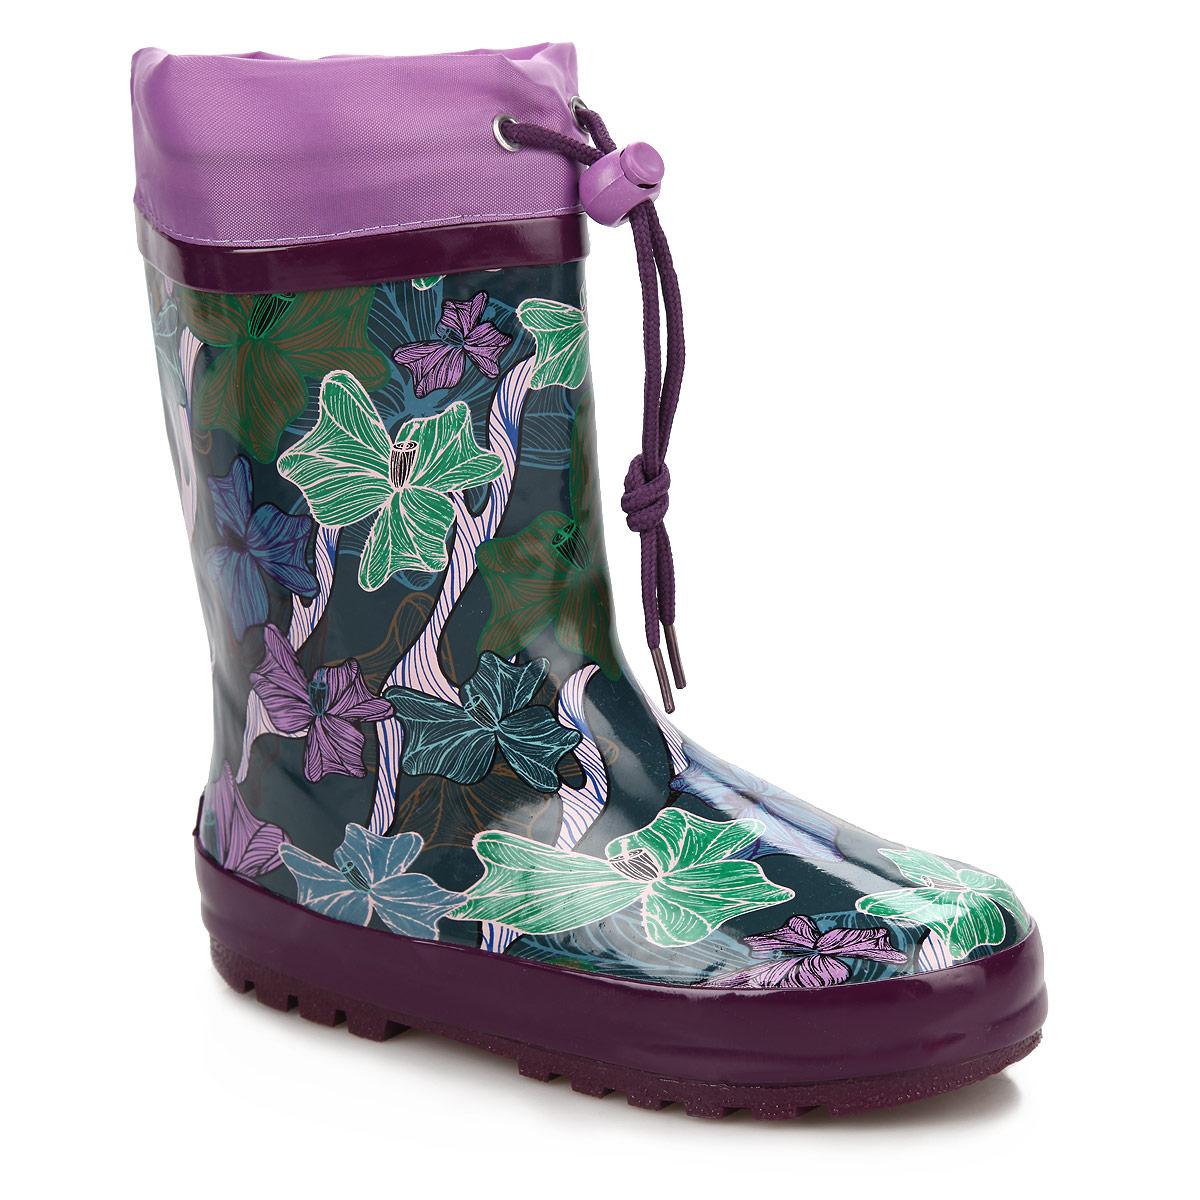 Сапоги резиновые для девочки Flamingo, цвет: фиолетовый, мультицвет. W5541. Размер 30W5541Утепленные резиновые сапожки Flamingo - идеальная обувь в дождливую погоду. Сапоги выполнены из качественной резины, оформлены цветочным рисунком и логотипом бренда. Подкладка из шерсти, подарит ощущение комфорта вашему малышу. Текстильный верх голенища регулируется в объеме за счет шнурка с бегунком. Резиновые сапожки прекрасно защитят ножки вашего ребенка от промокания в дождливый день.